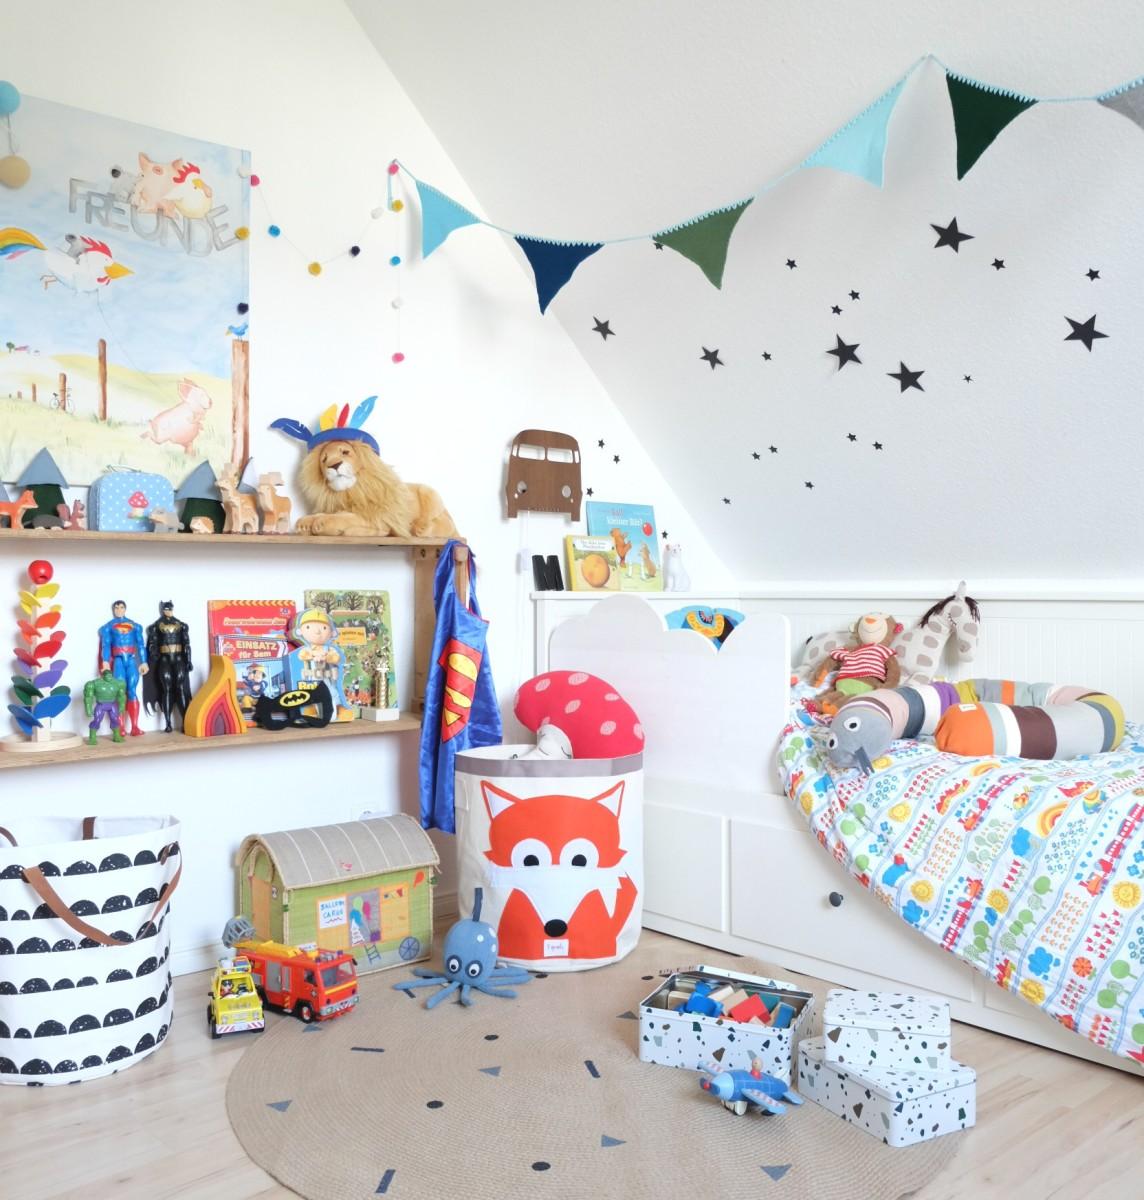 Kinderzimmer Styling - Dekorieren mit viel Platz für Fantasie und ein Wolkenrausfallschutz DIY